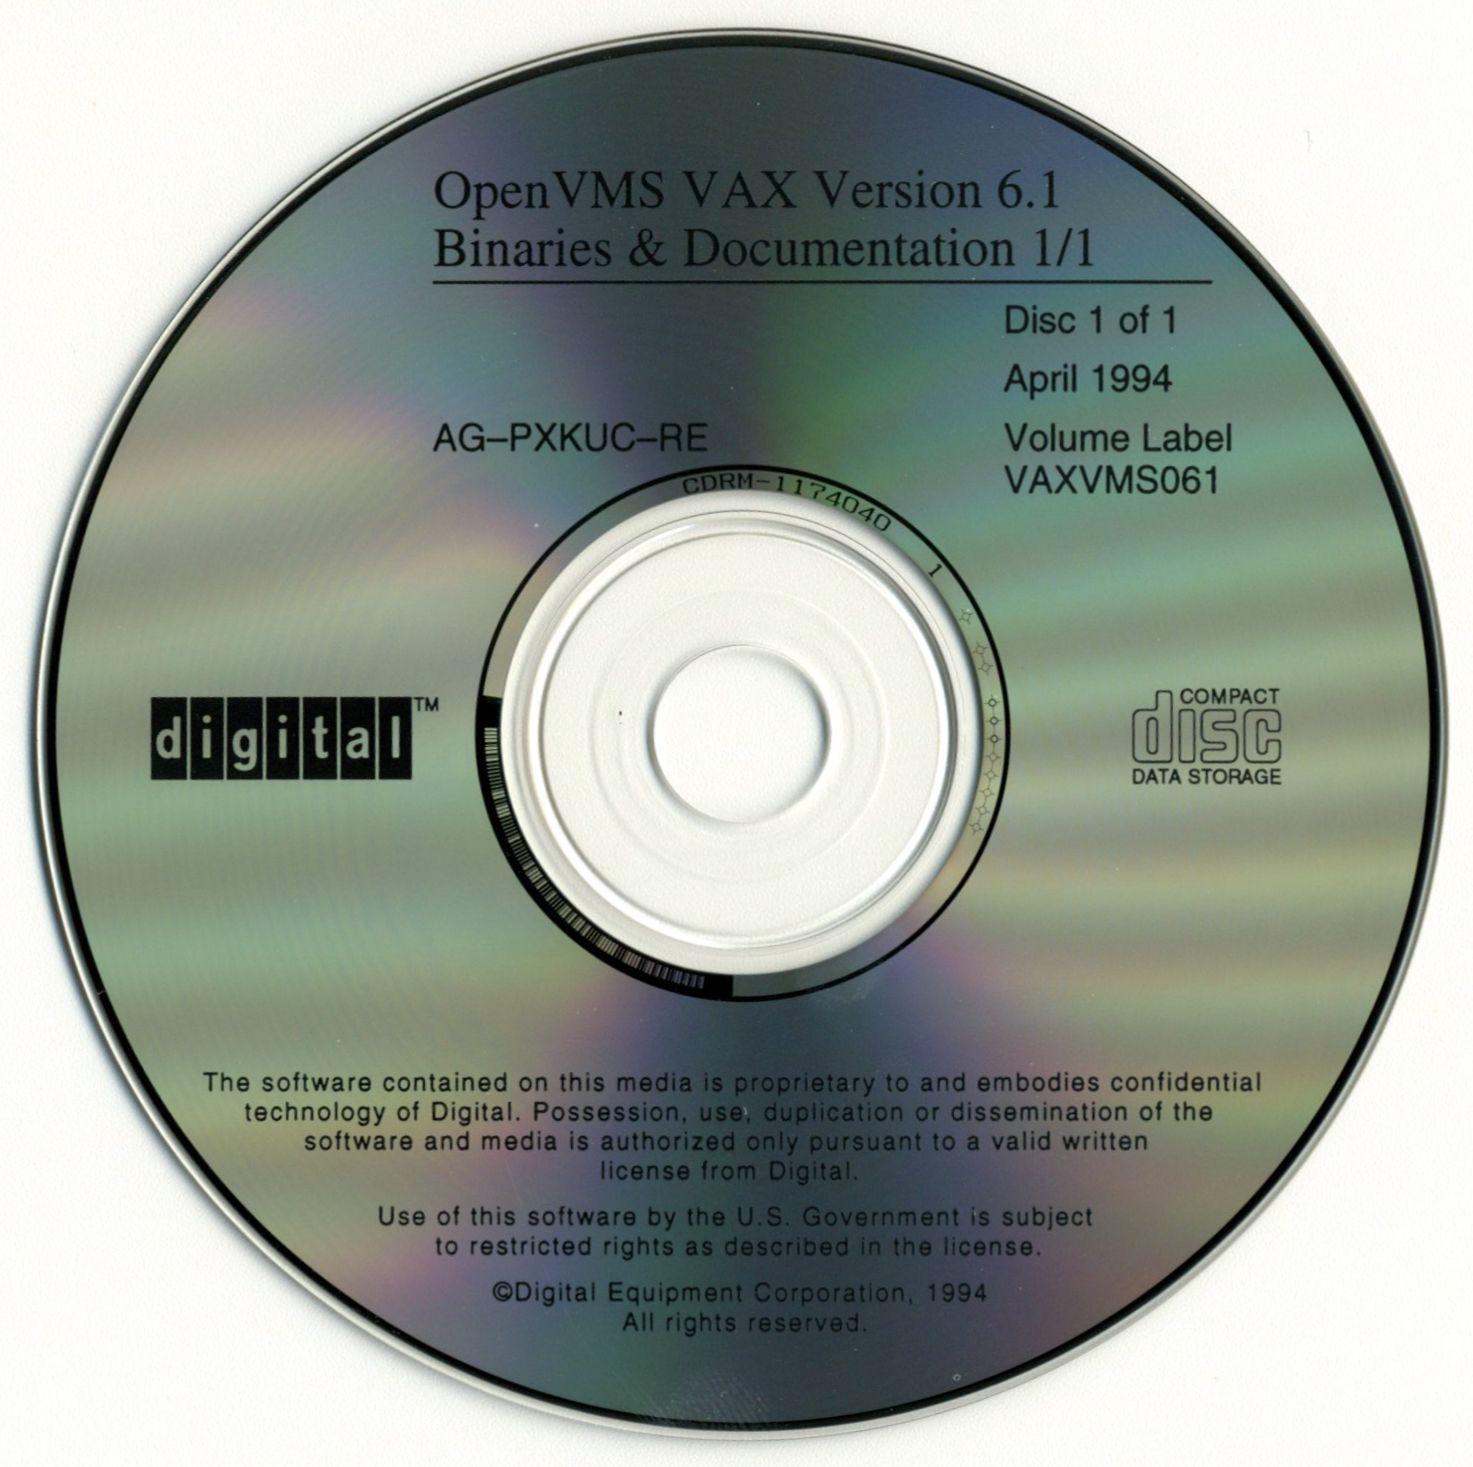 Imaging DEC VAX/VMS CDs – vintage bits